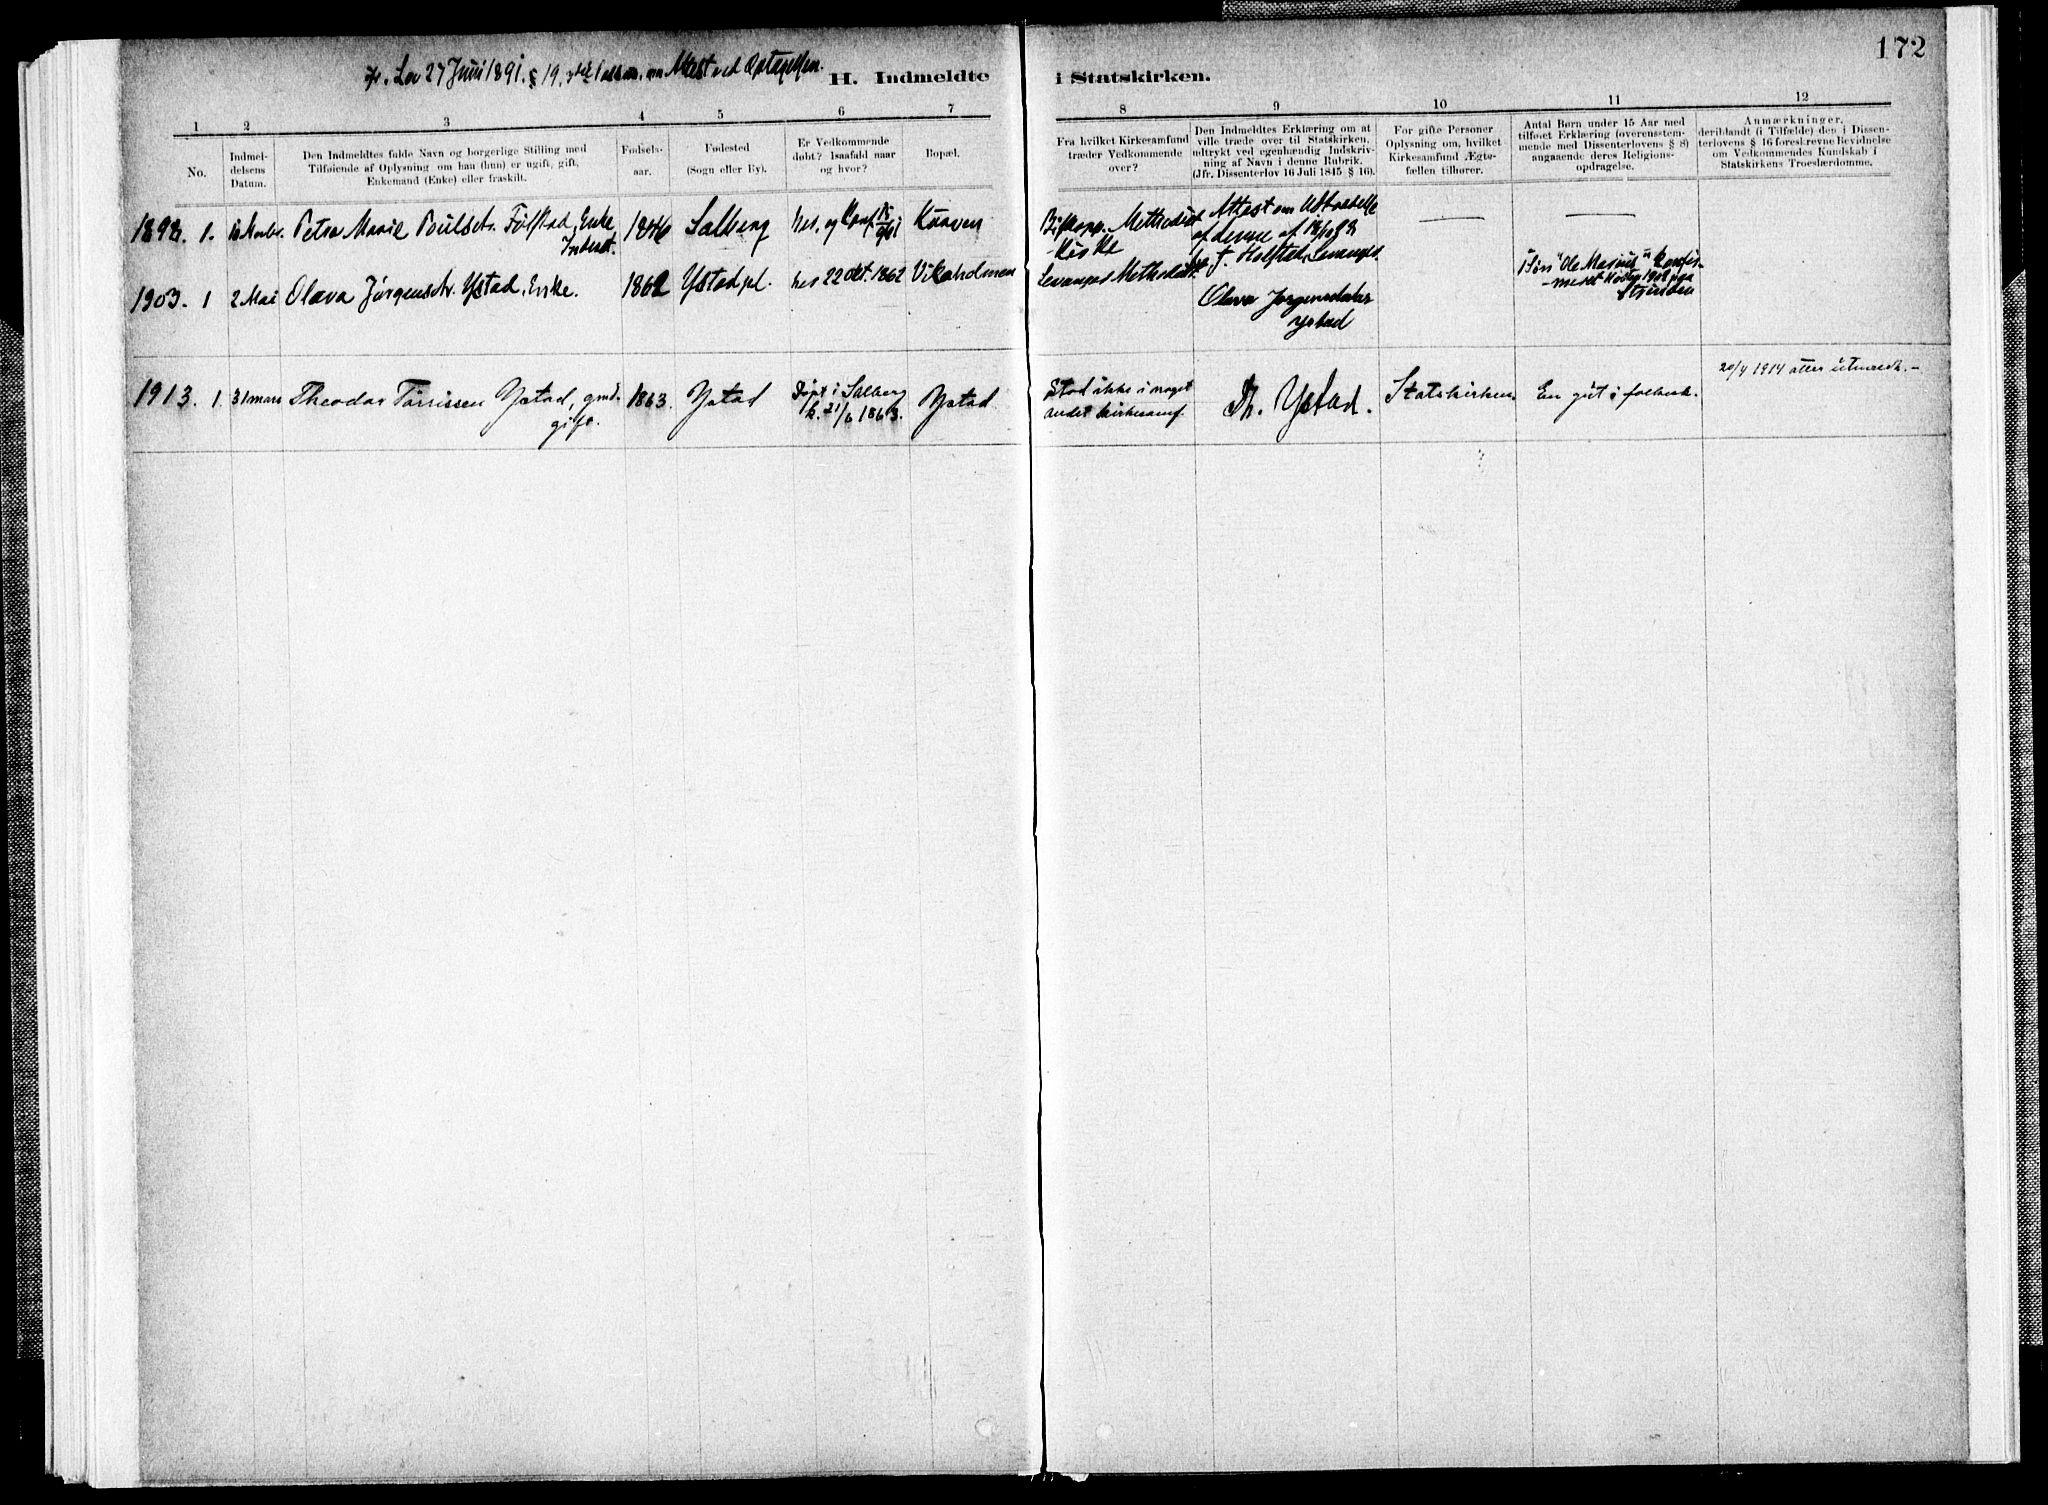 SAT, Ministerialprotokoller, klokkerbøker og fødselsregistre - Nord-Trøndelag, 731/L0309: Ministerialbok nr. 731A01, 1879-1918, s. 172